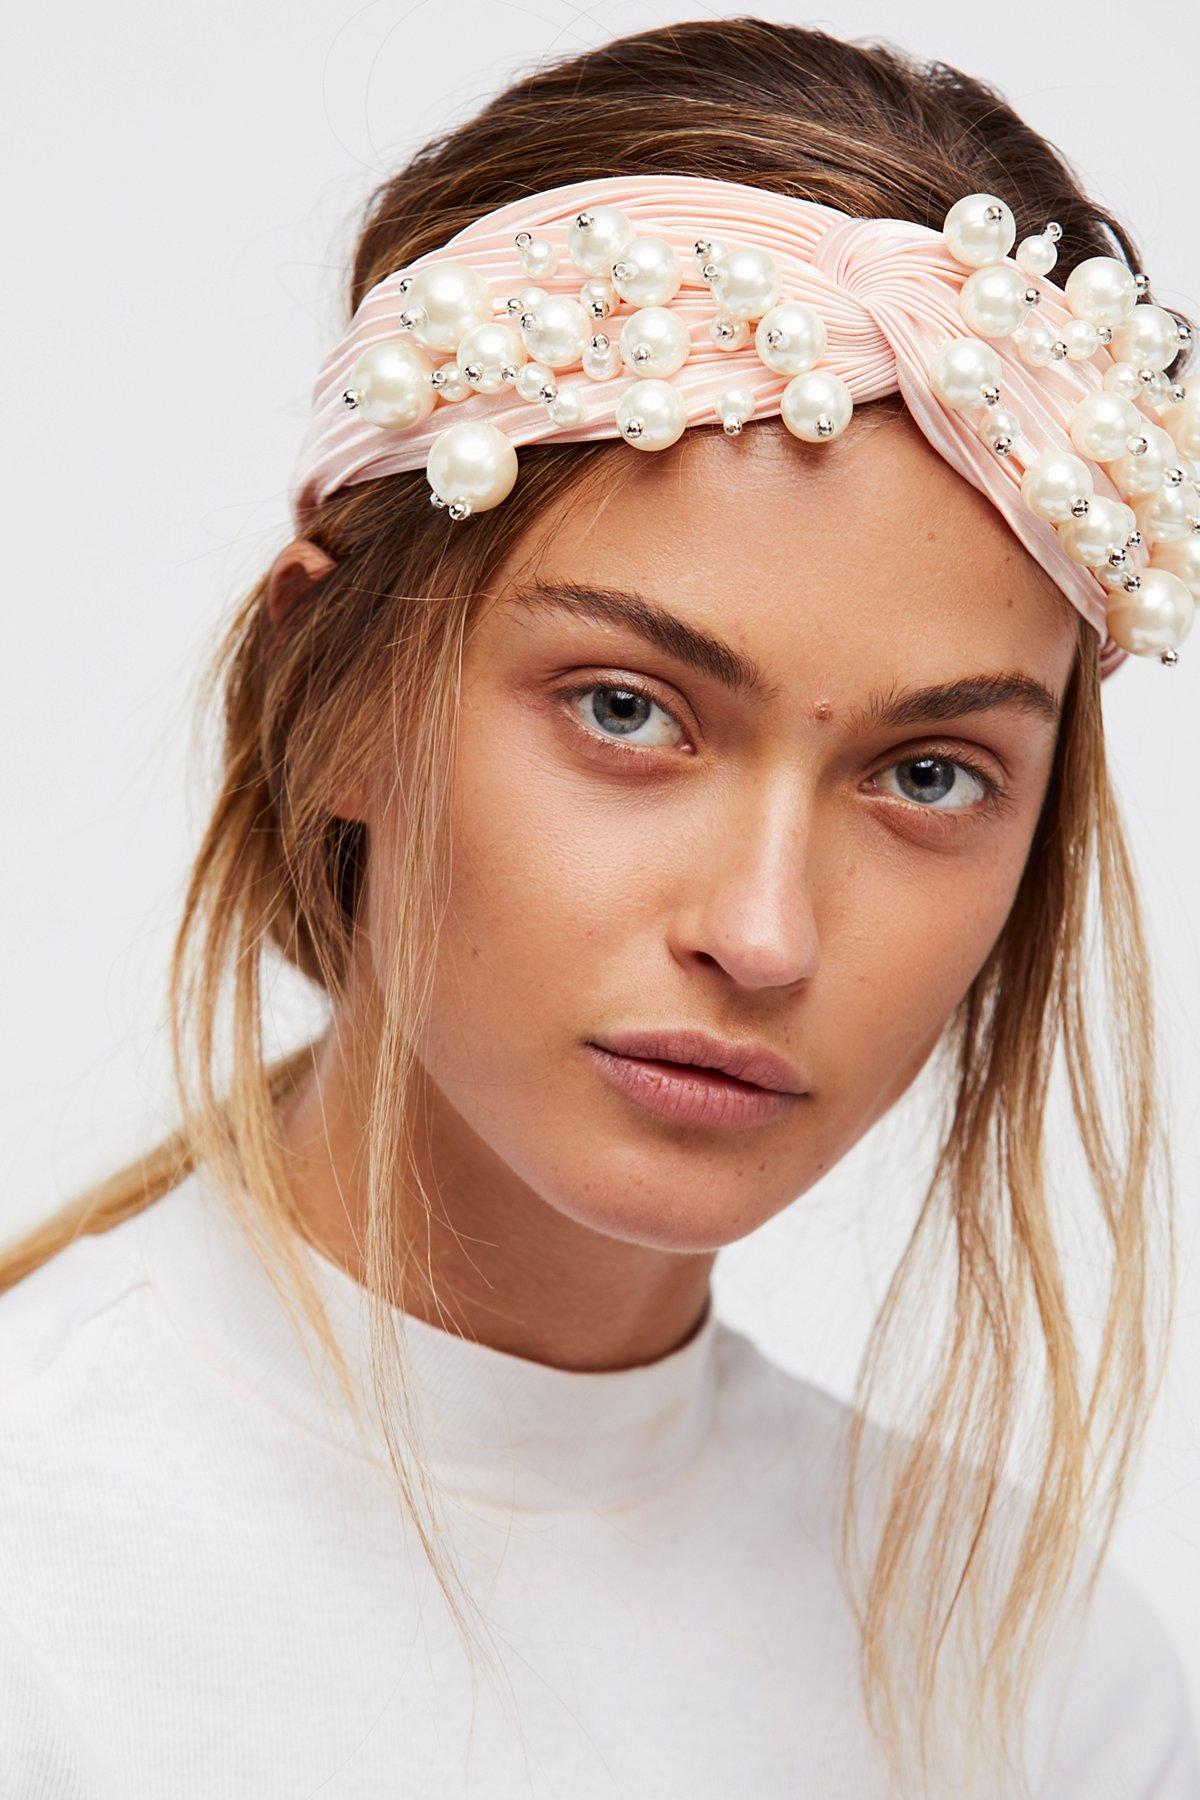 褶饰珍珠头巾式发带